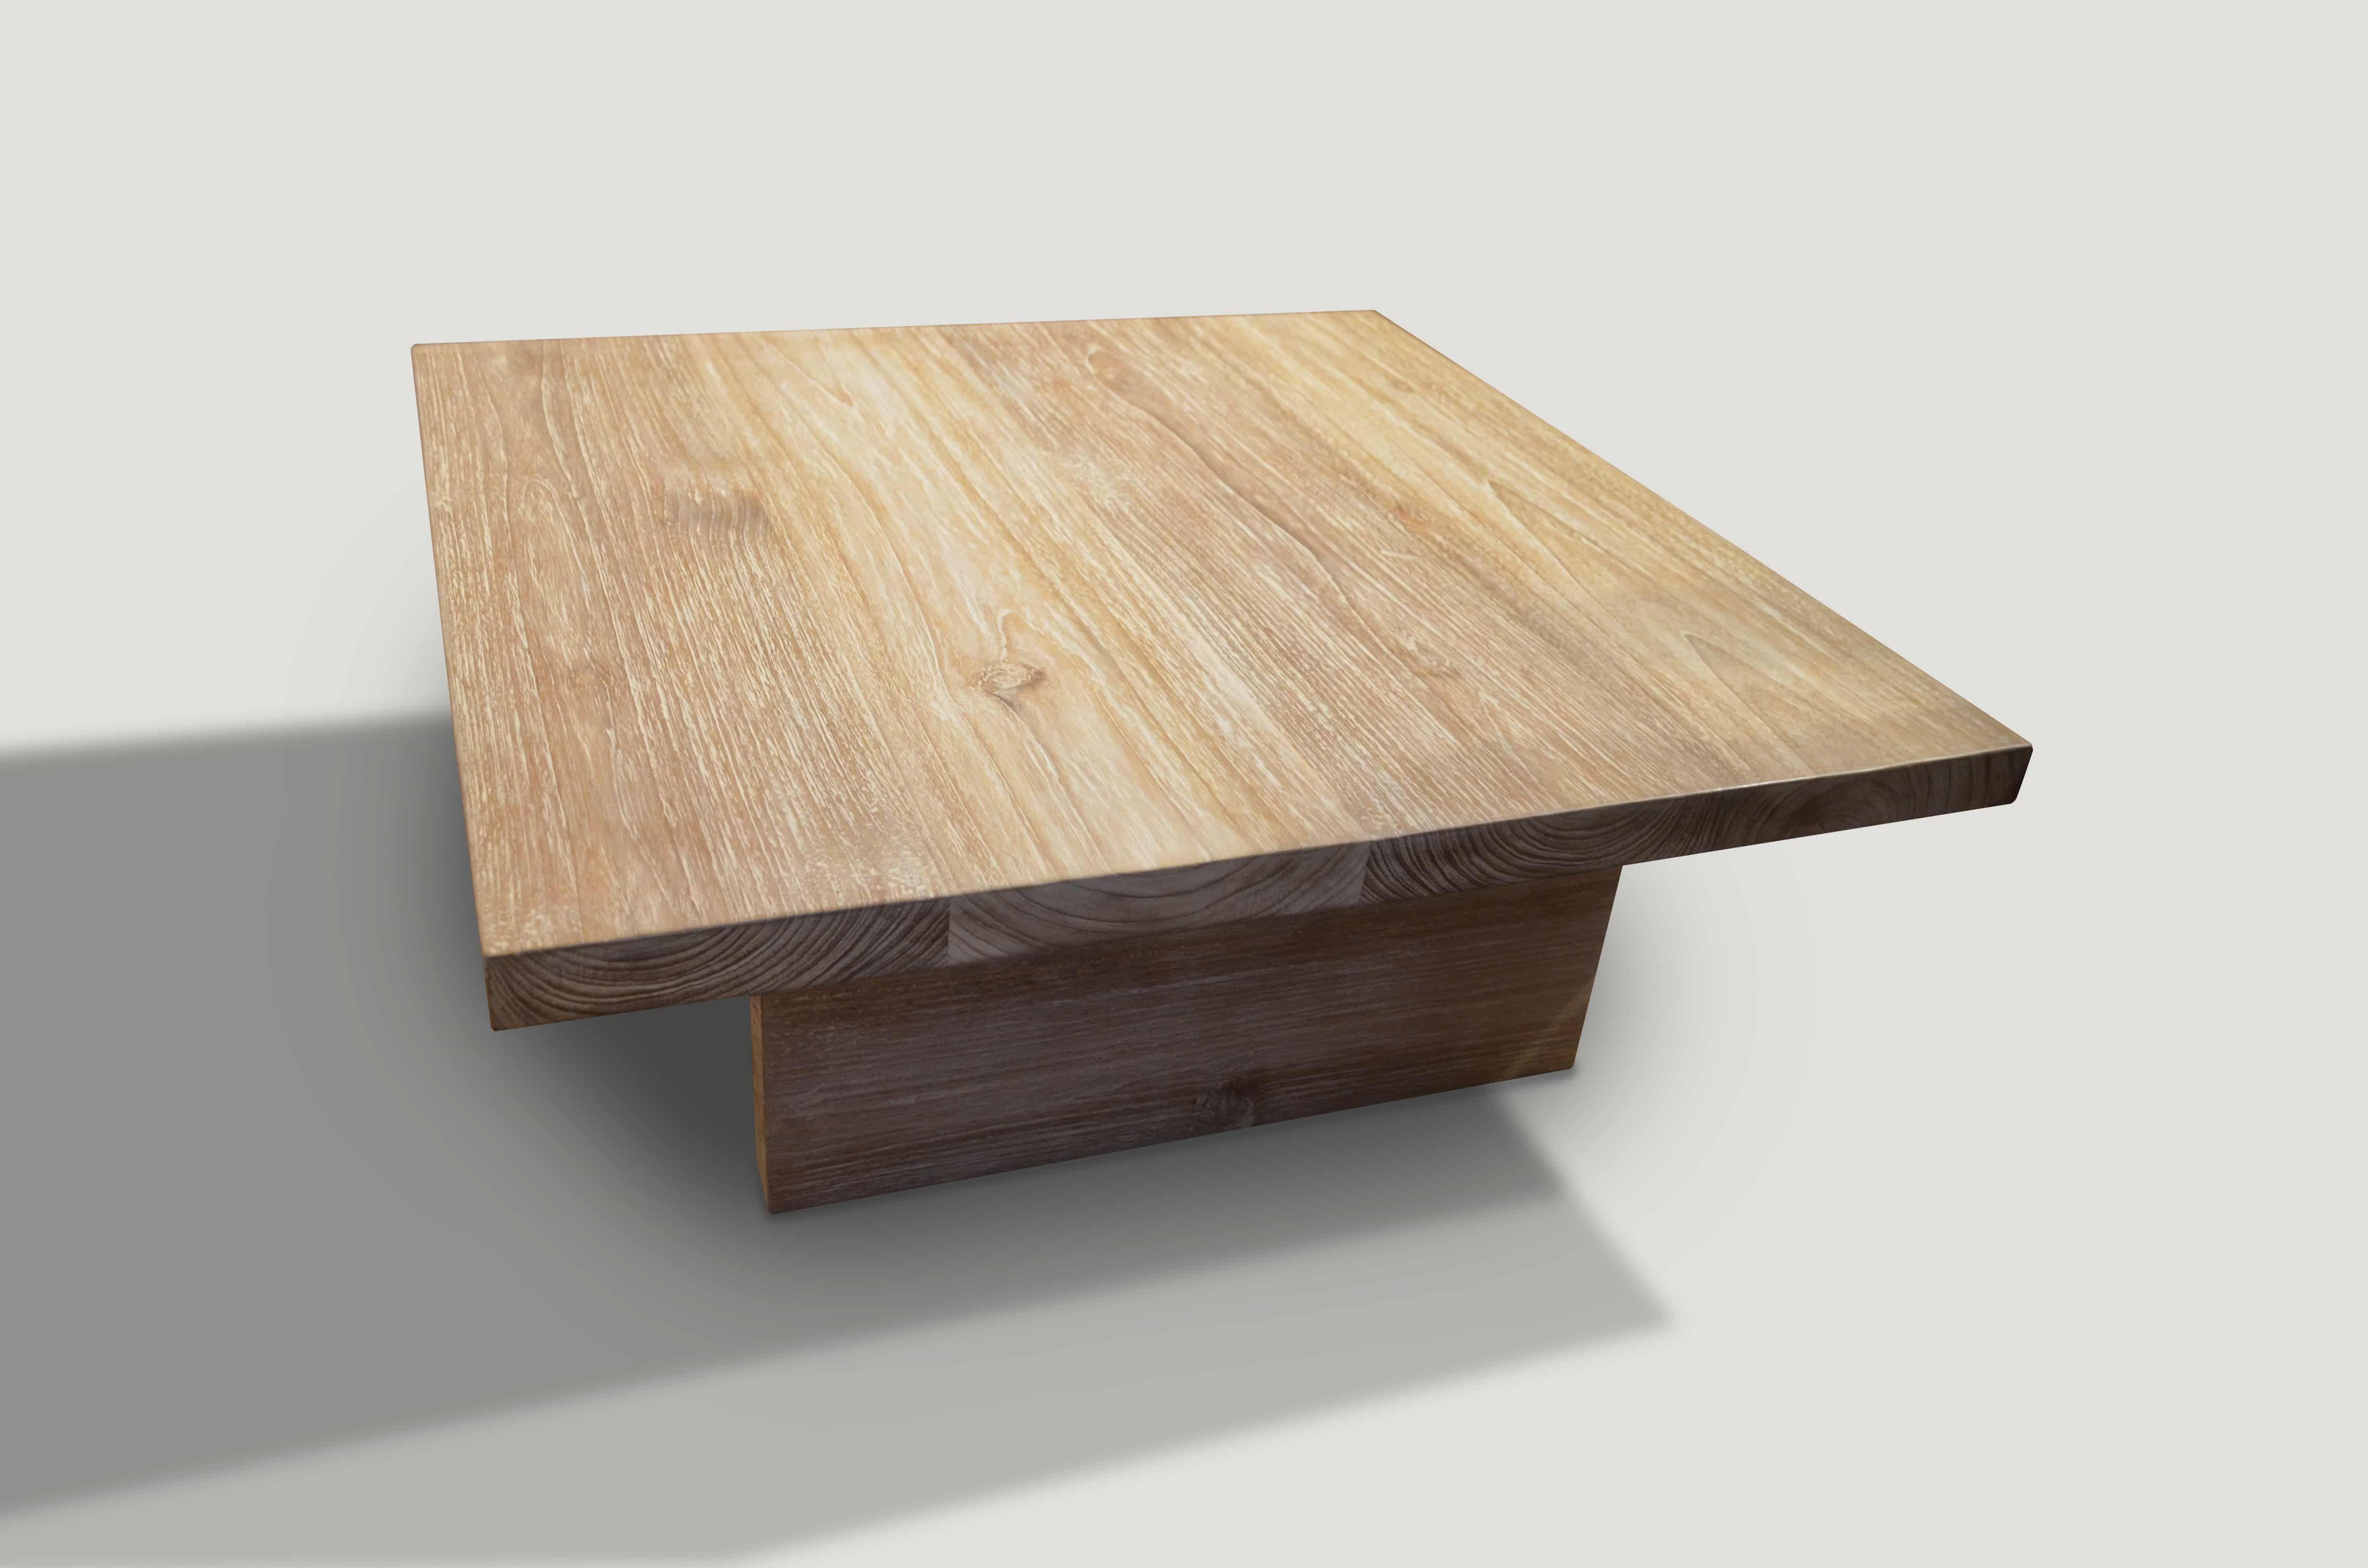 Minimalist Teak Coffee Table 188a Coffee Table Minimalist Coffee Table Wood Teak Coffee Table